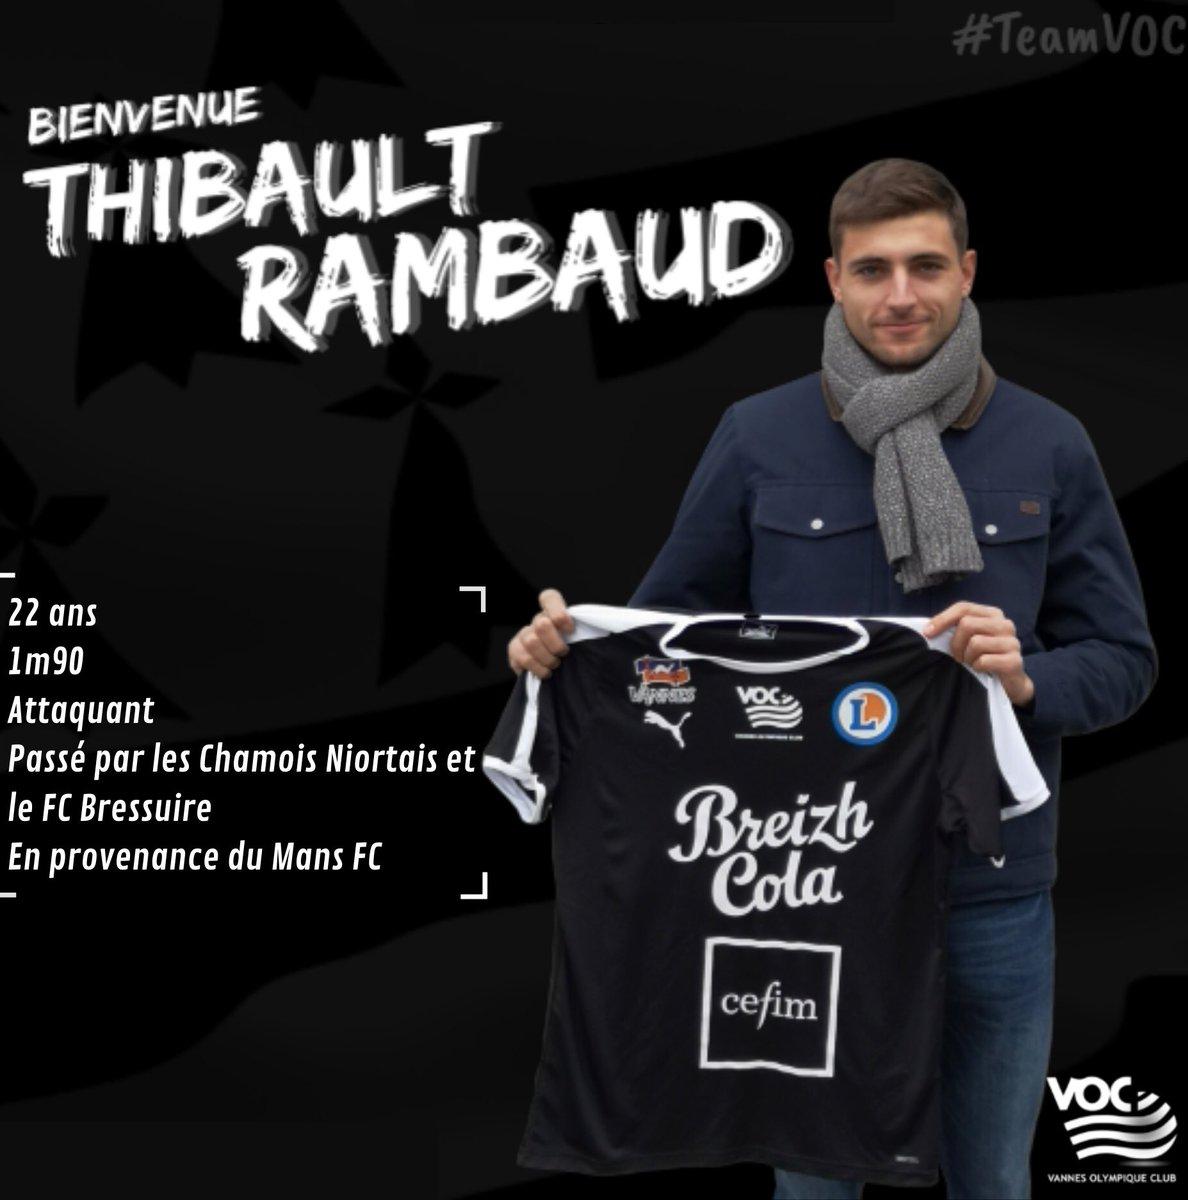 Thibault Rambaud